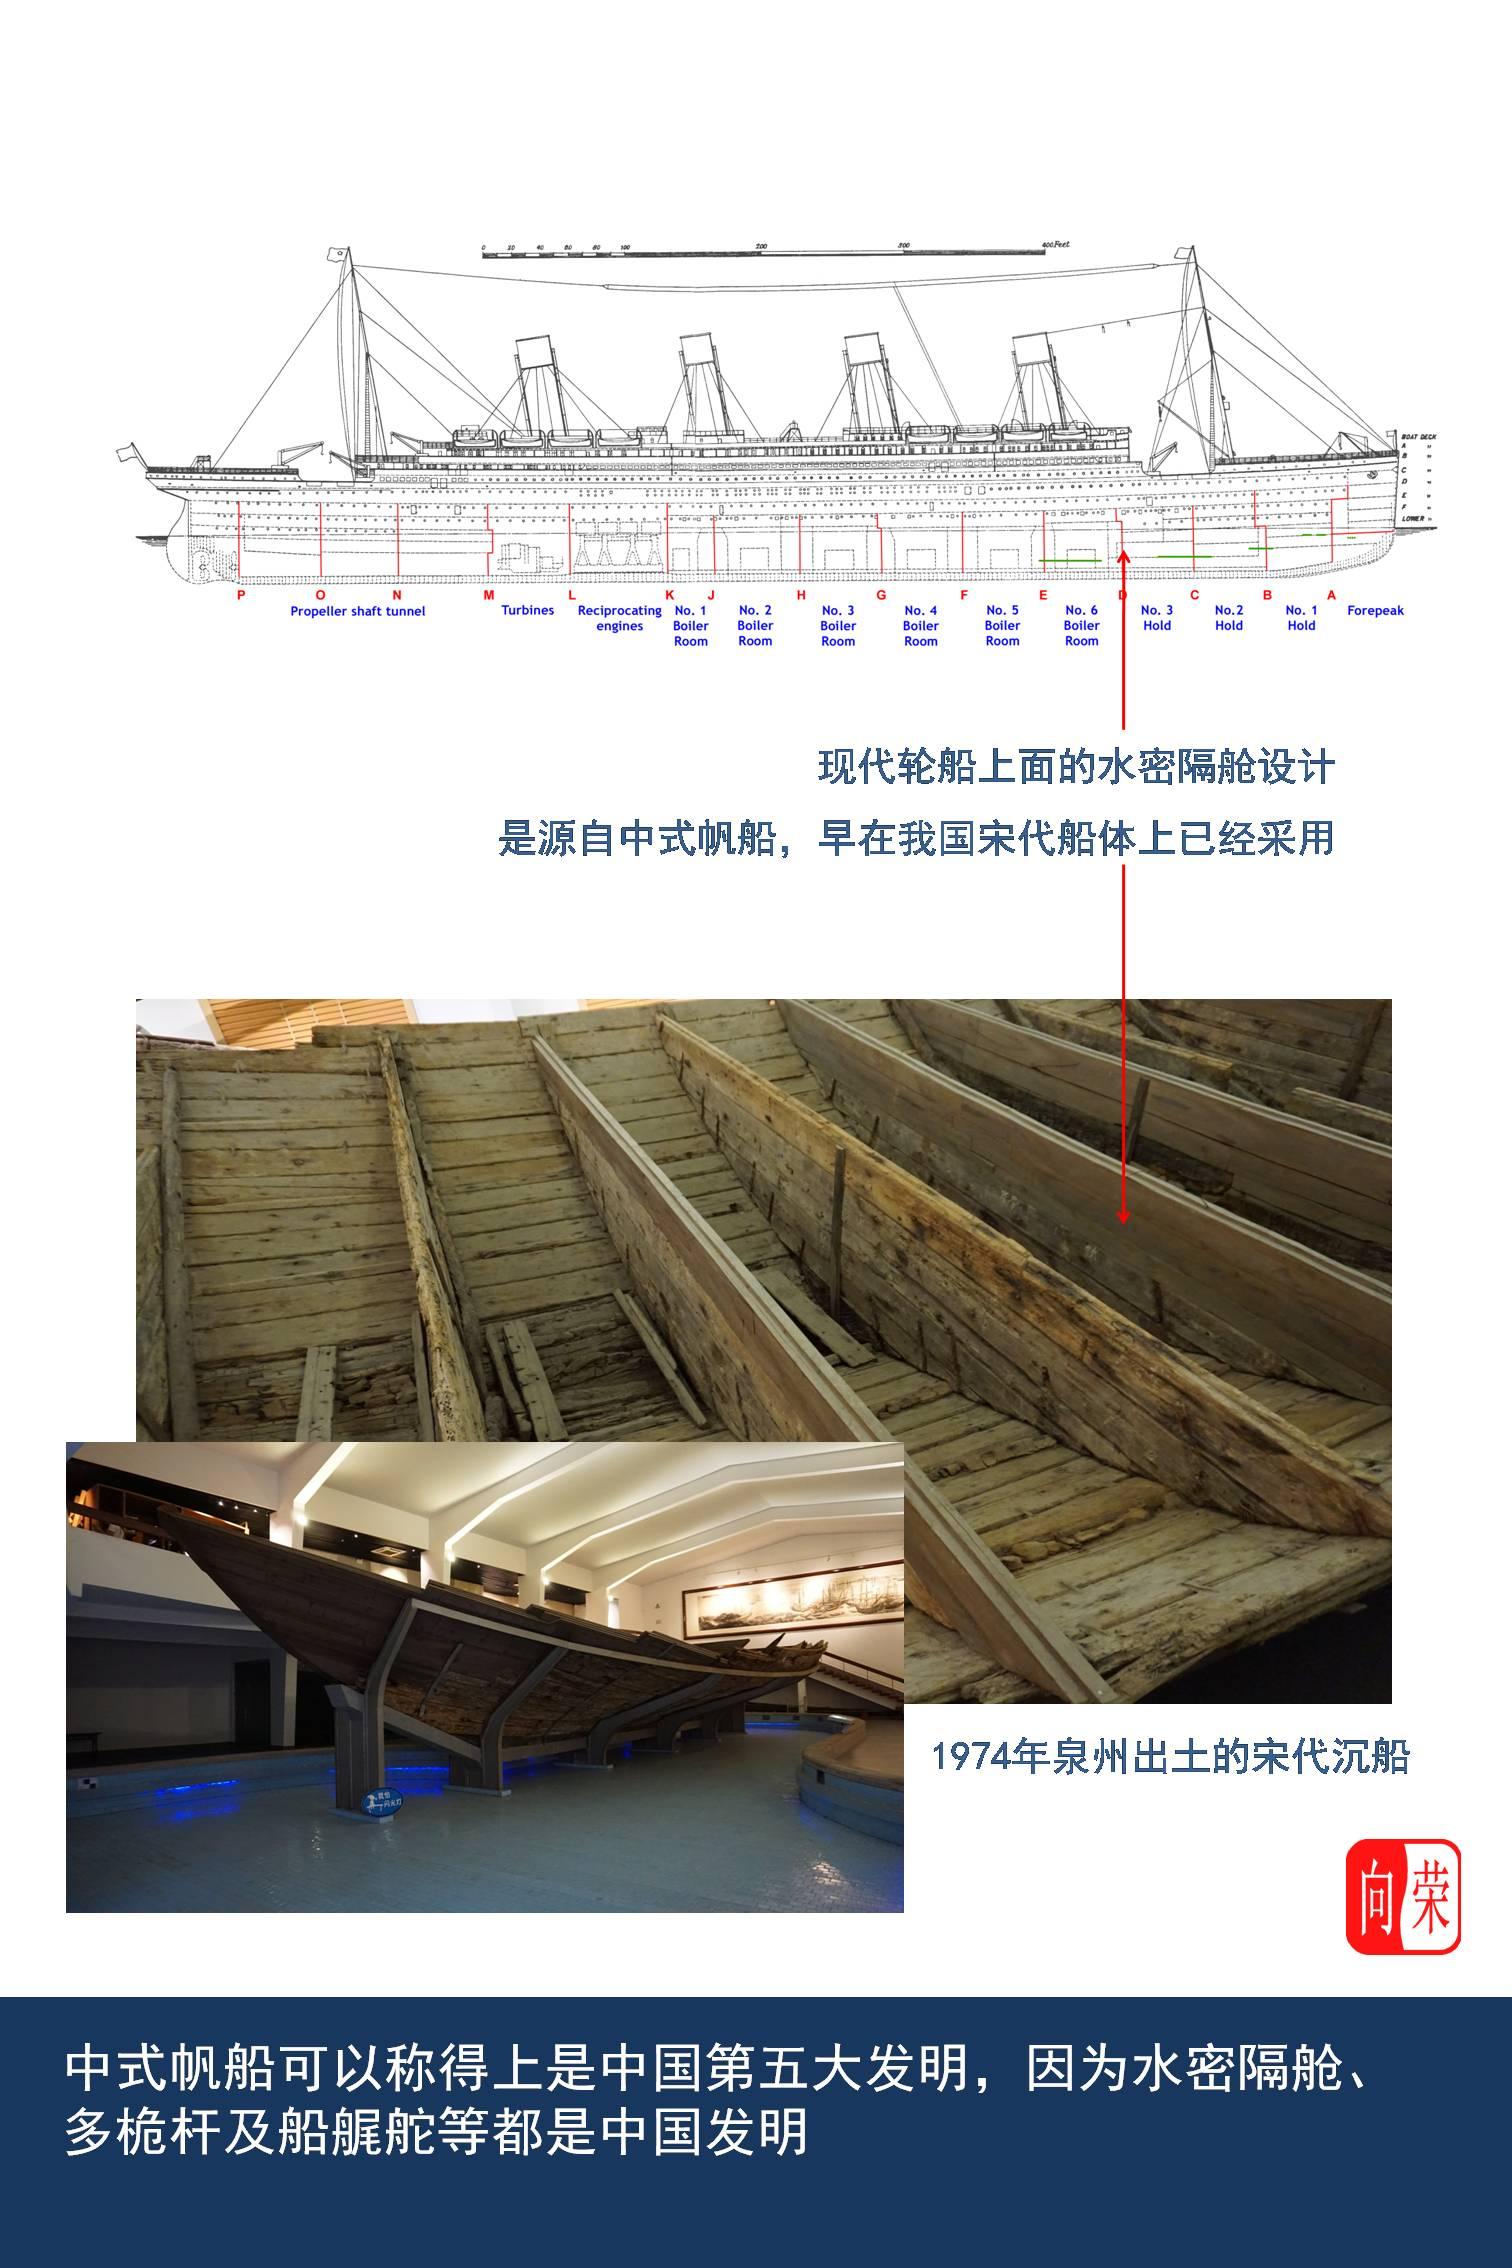 中华文化,旅行社,香港大学,南海诸岛,帆船运动 《中式帆船古为今用》展览,让老邝带你看中式帆船! Slide2.JPG